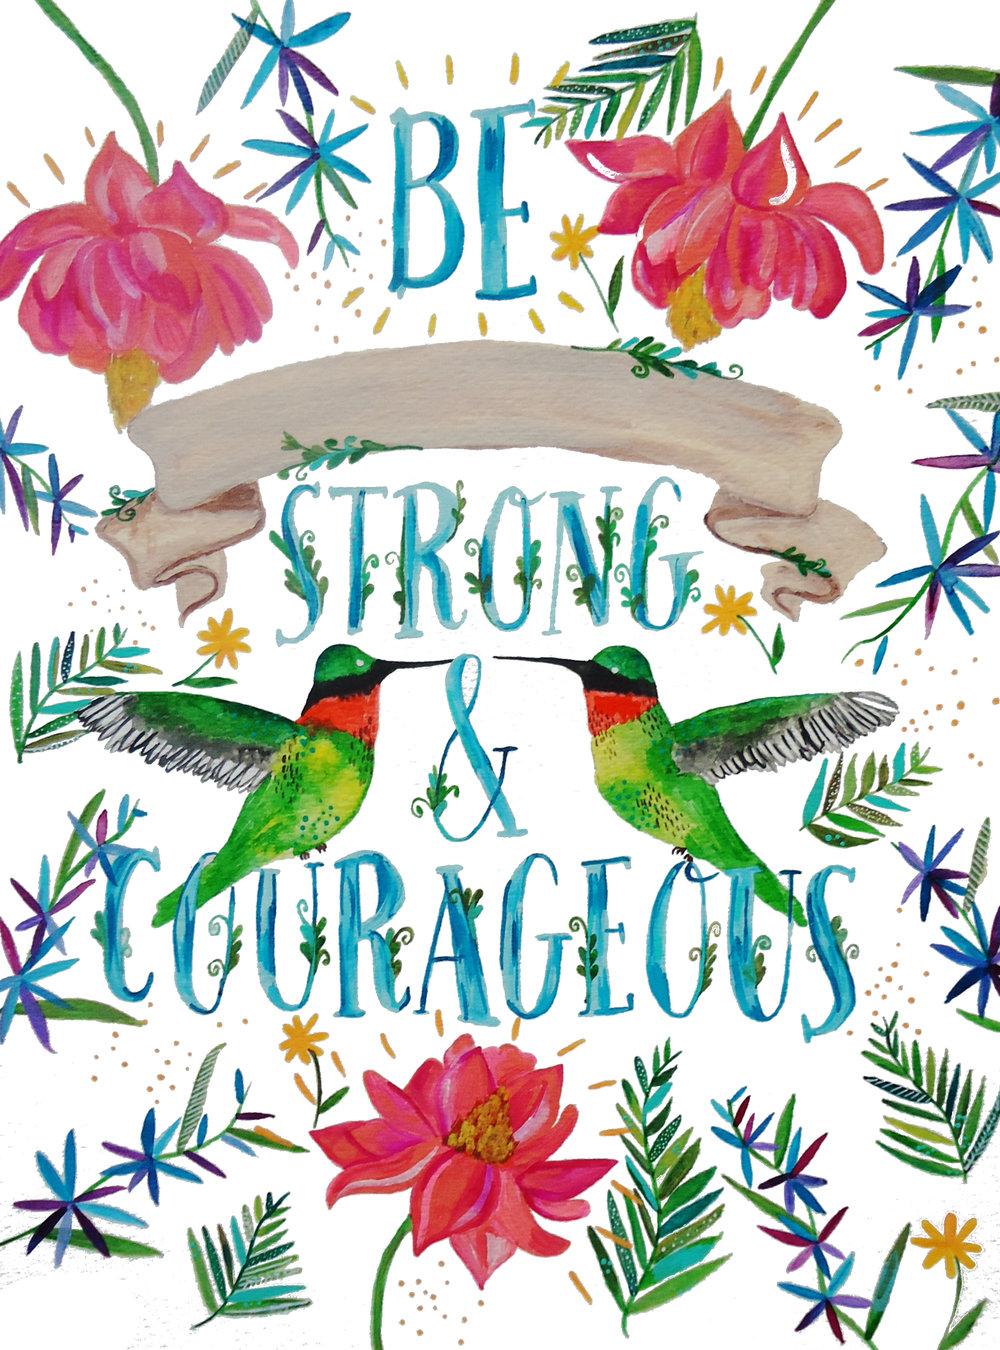 strongcourageous.JPG